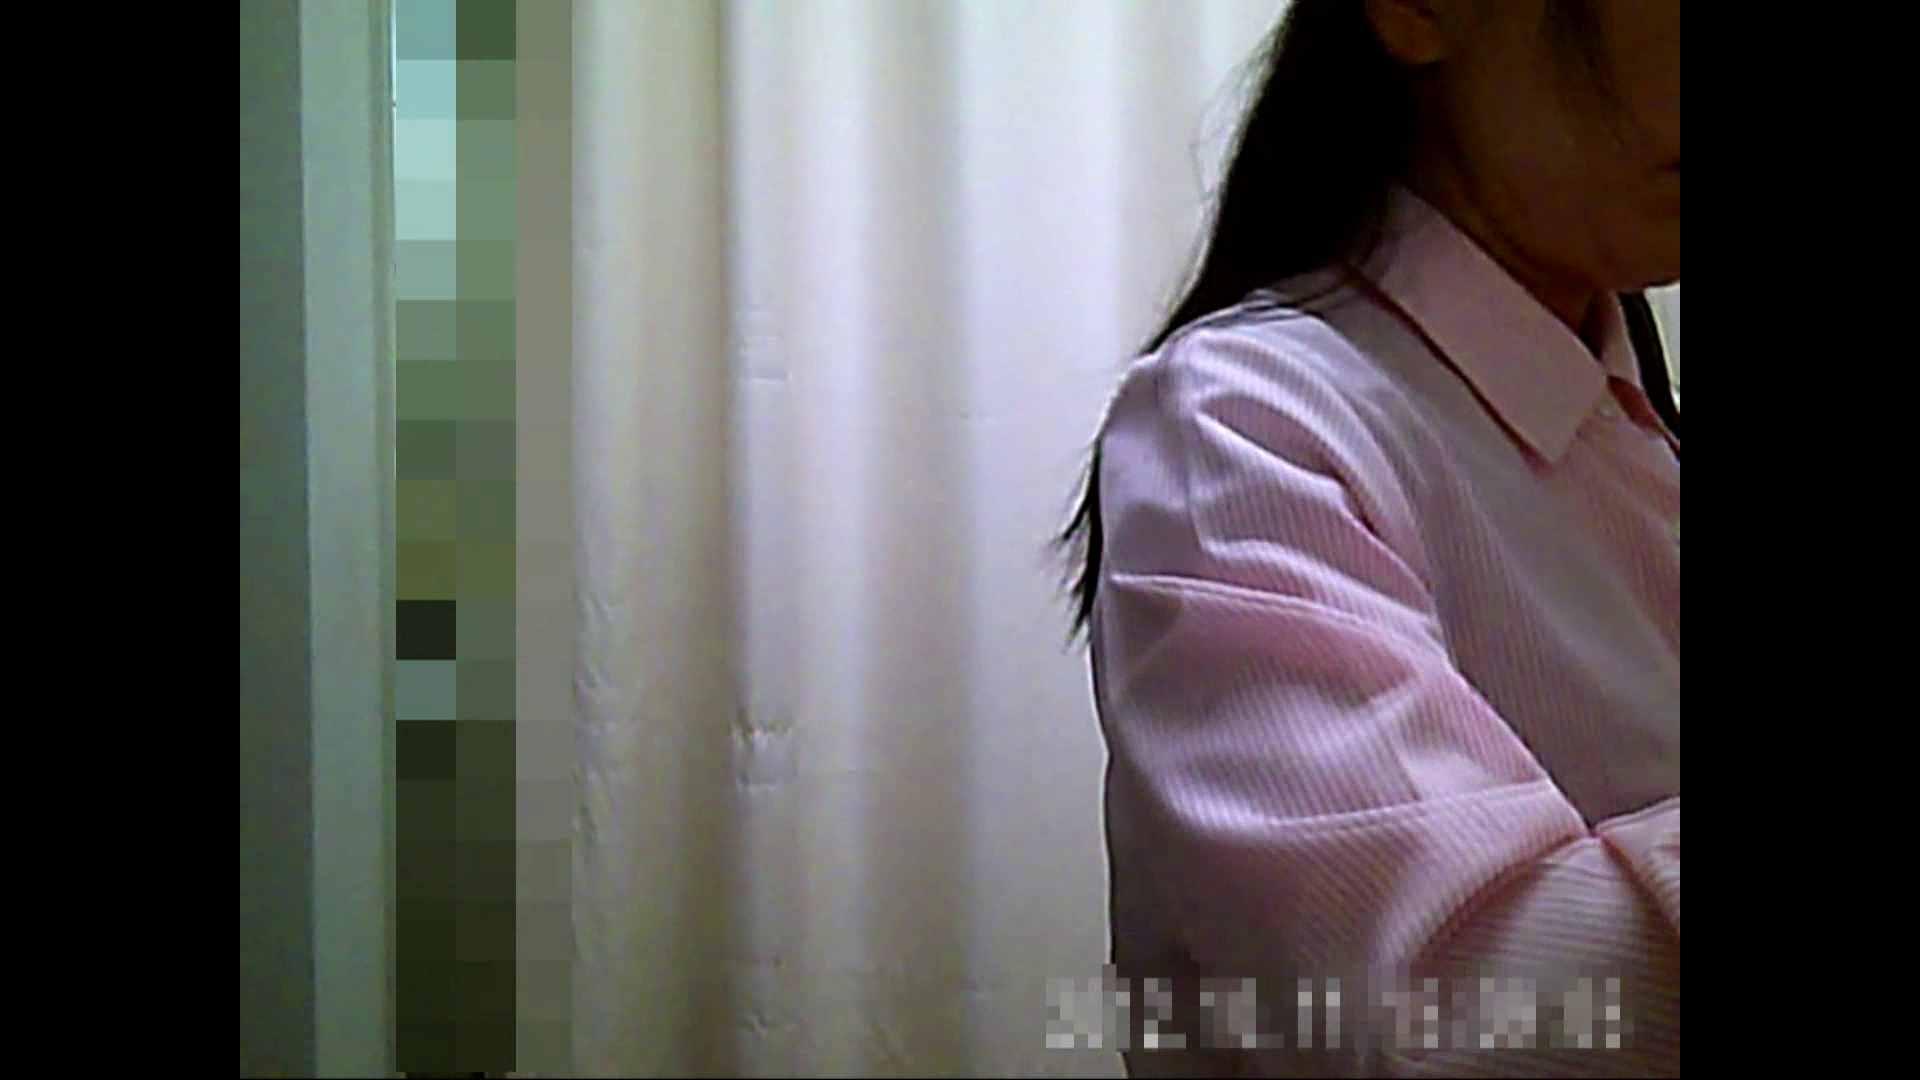 巨乳おまんこ:元医者による反抗 更衣室地獄絵巻 vol.062:怪盗ジョーカー